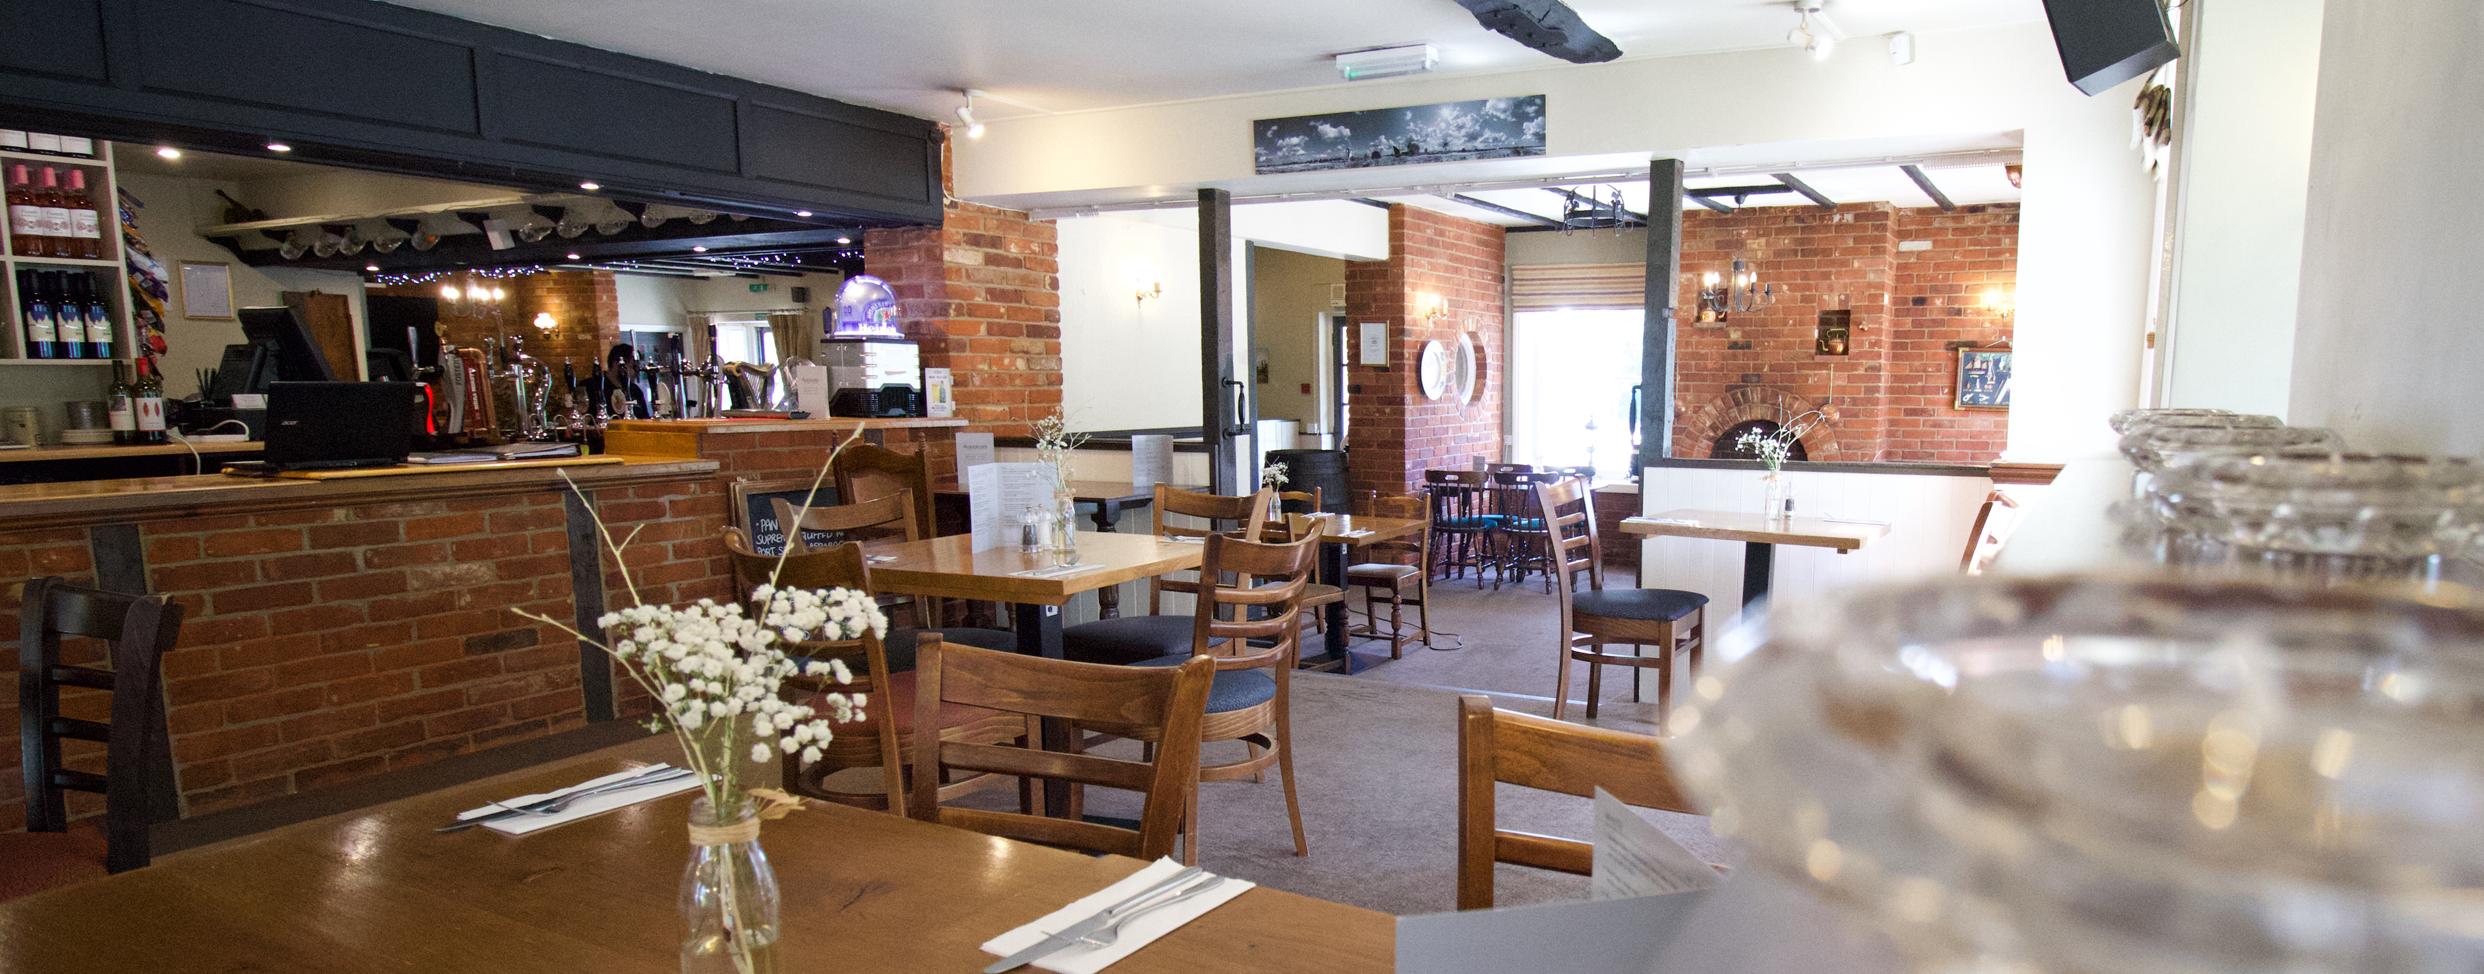 The Plough Inn Bar, Restaurant & Accommodation // Interior shot of the Plough Inn Restaurant // Home slider